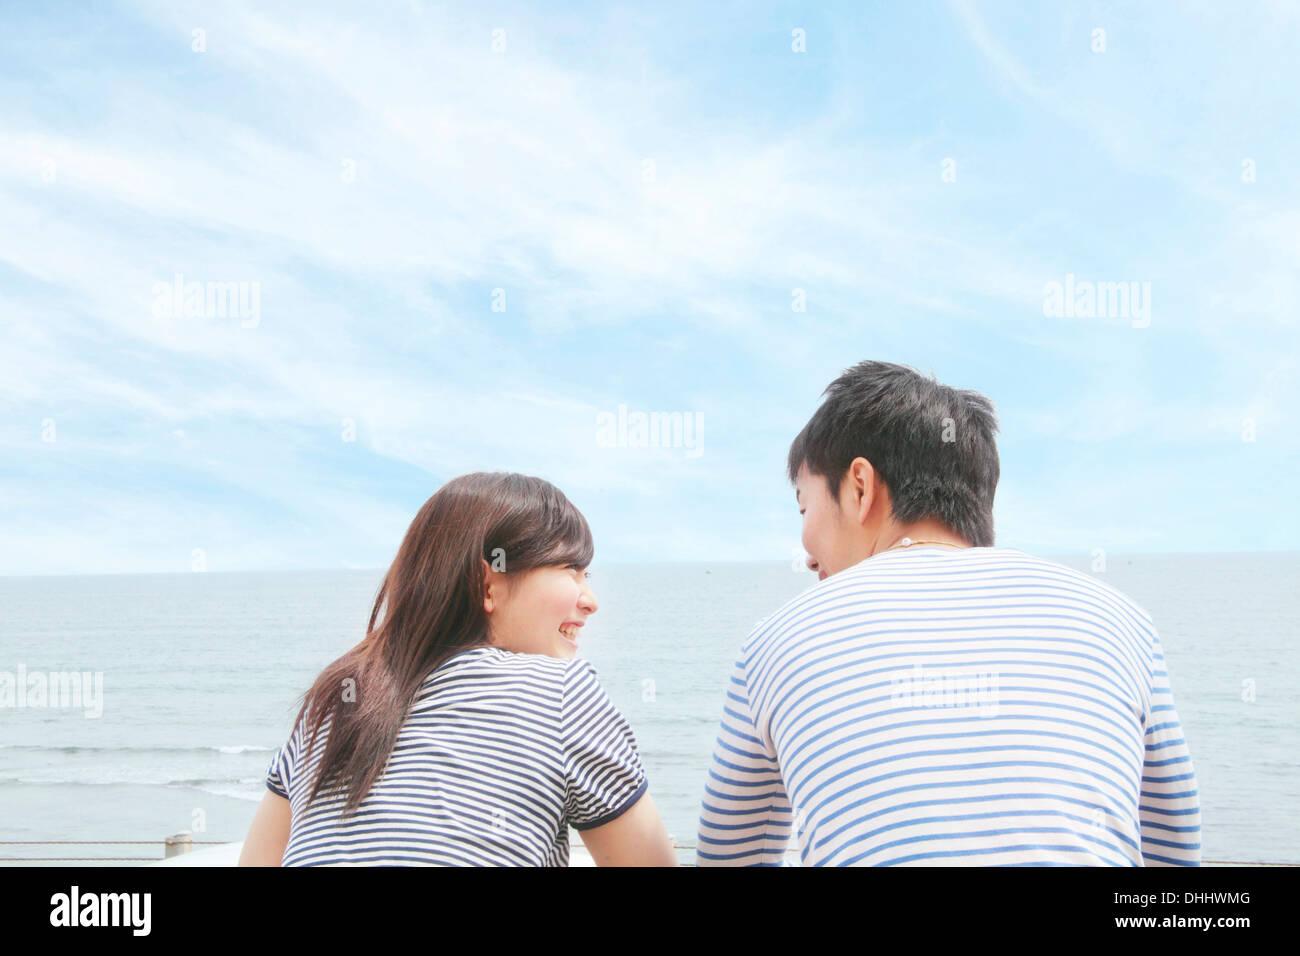 Vista trasera de la pareja en la costa, cara a cara y riendo Imagen De Stock